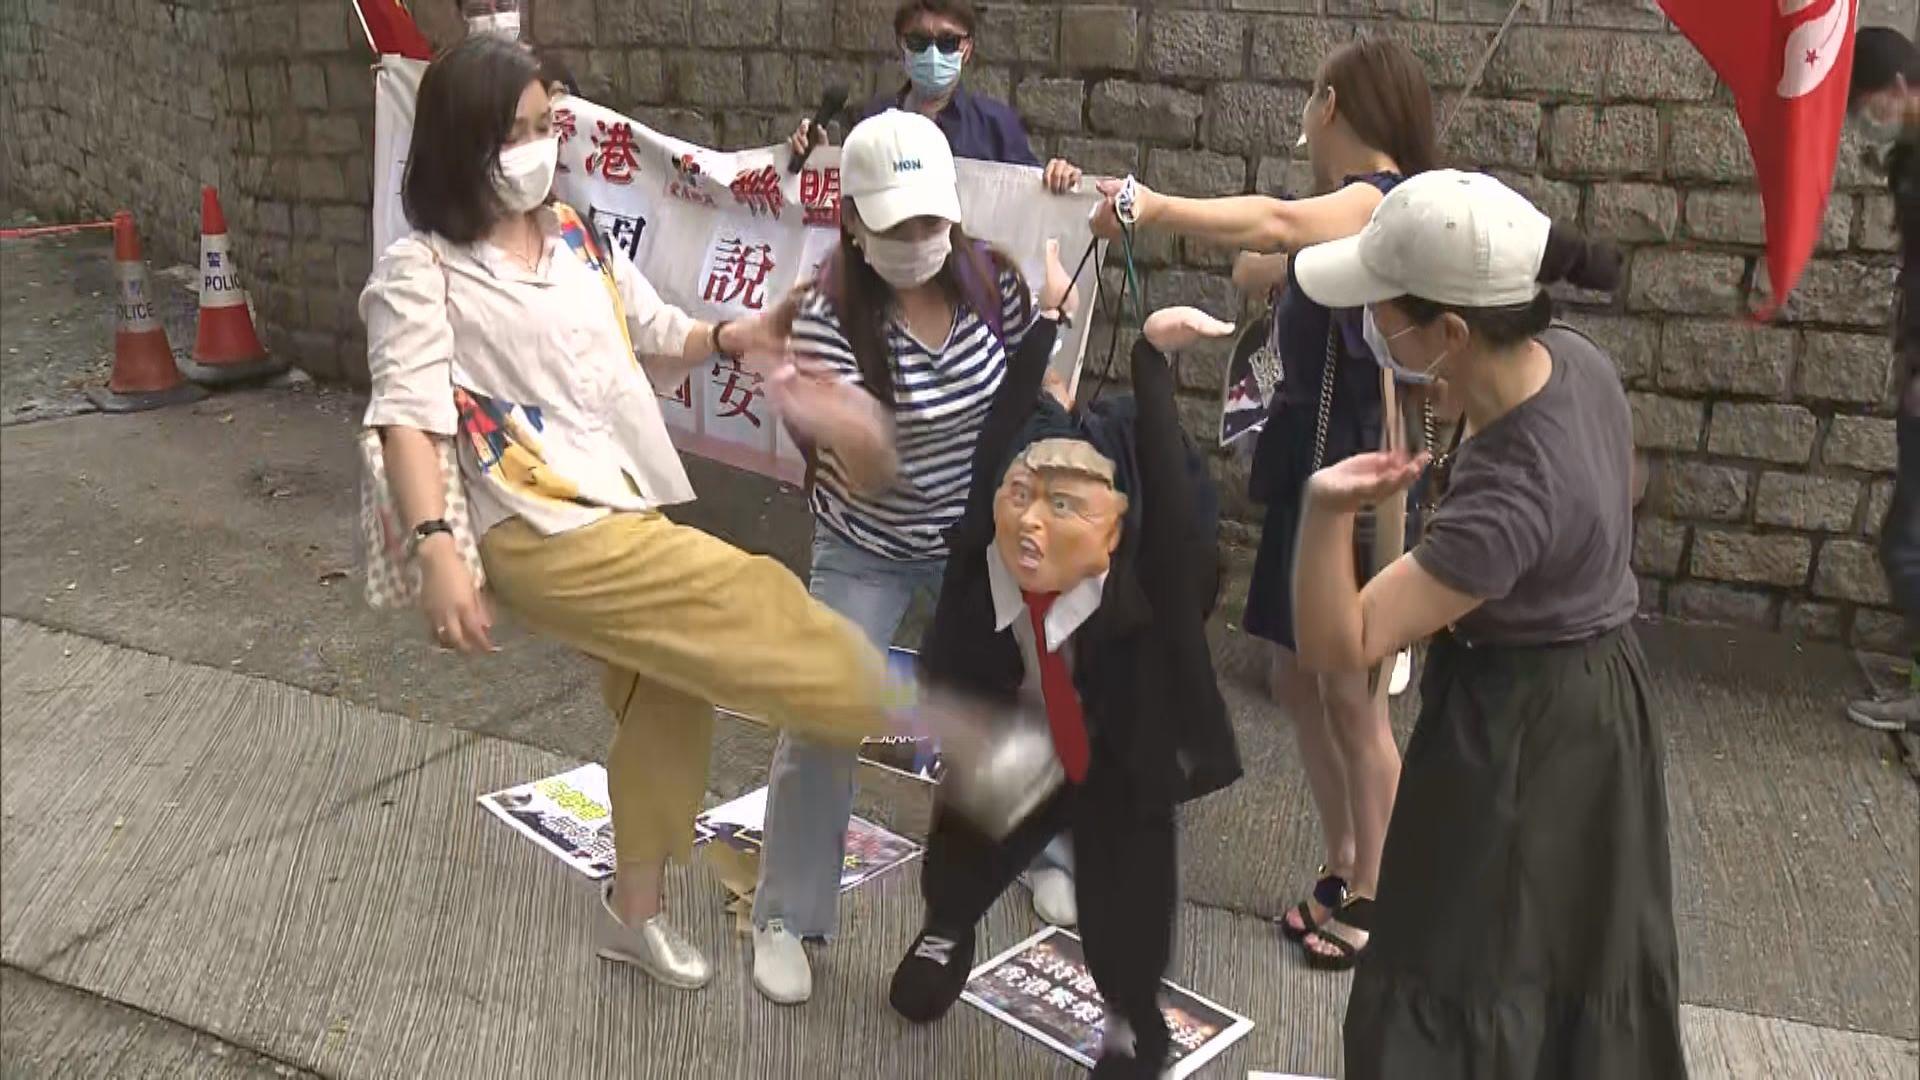 團體遊行到美領館 抗議美國干預港區國安法立法